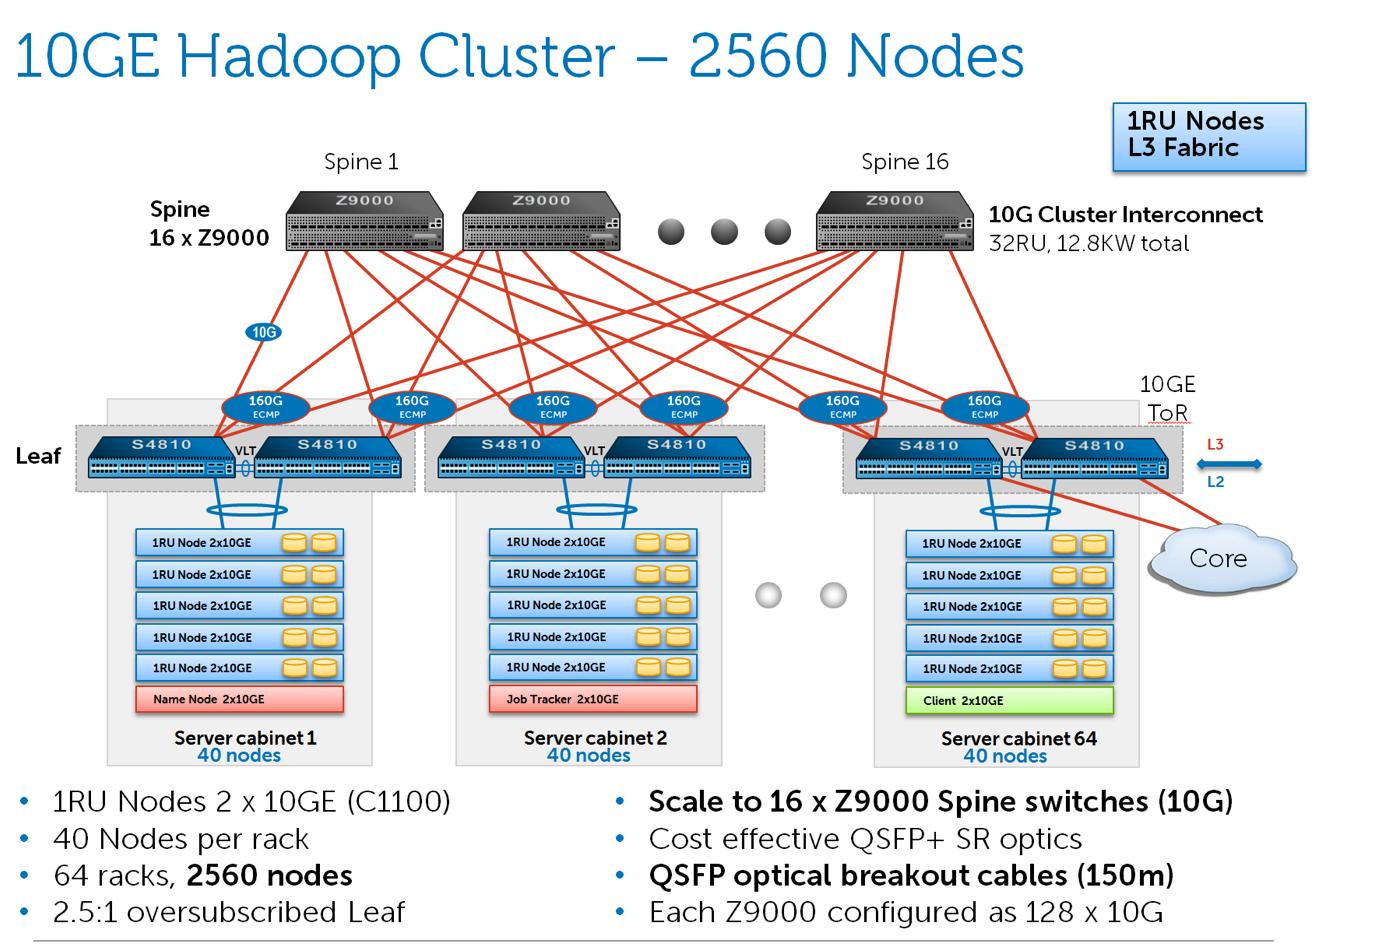 2560 nodes